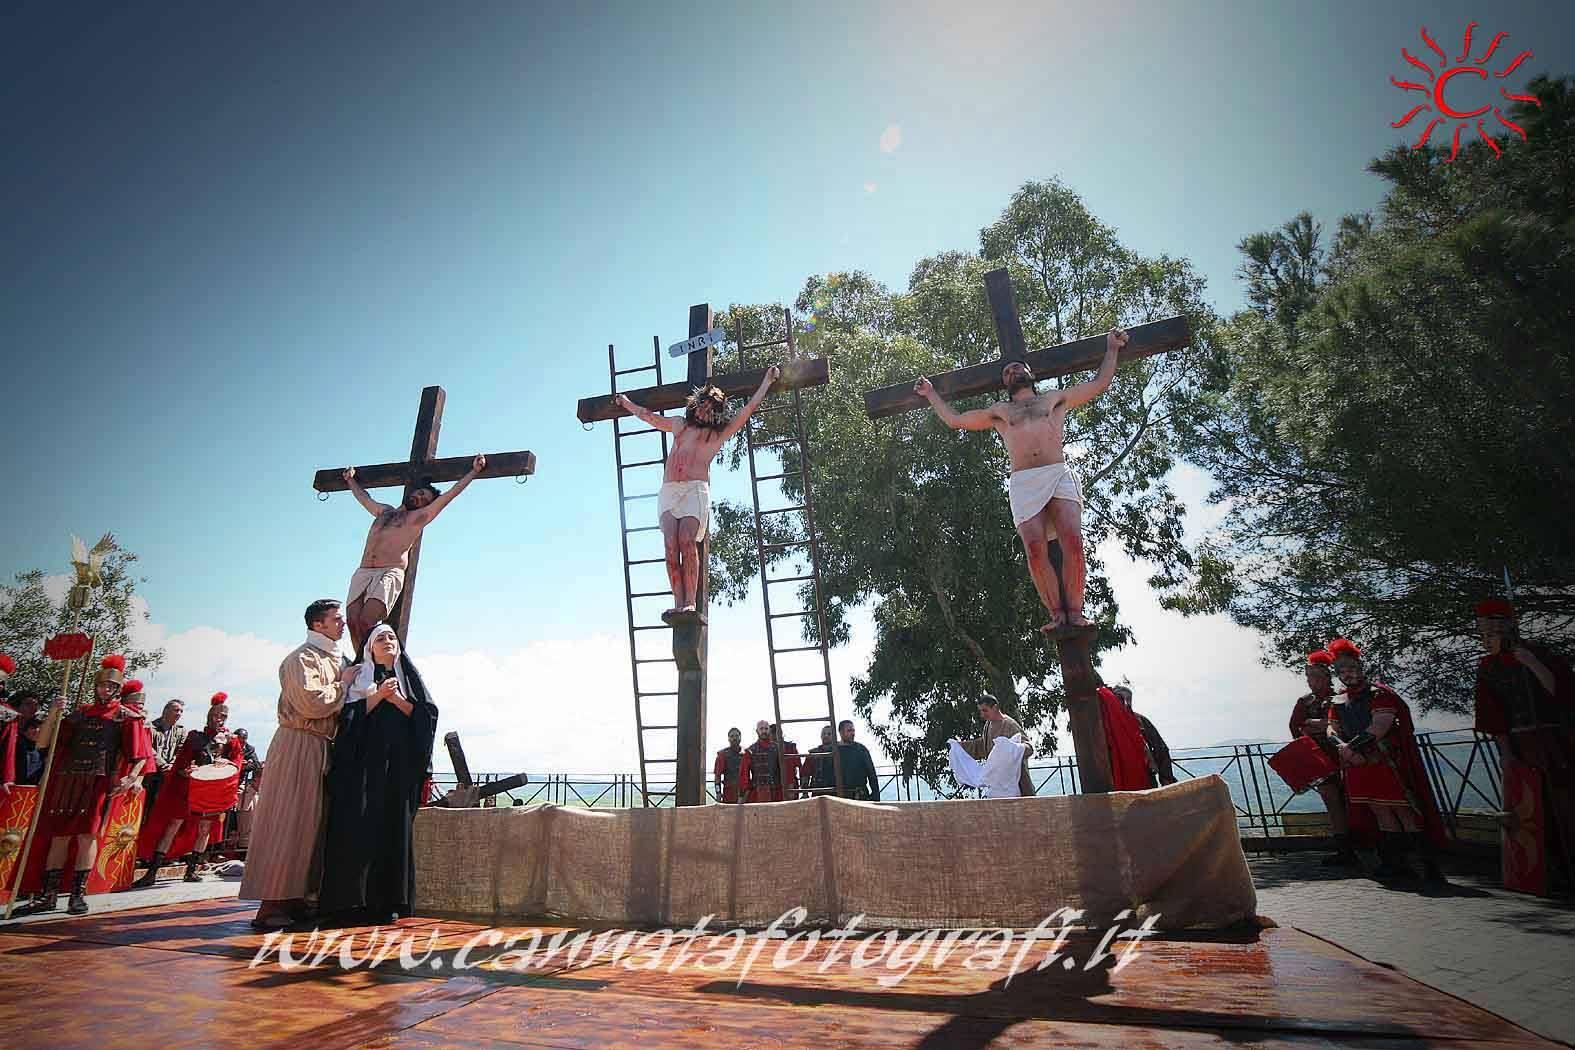 Settimana Santa 2014: il video della Via Crucis a Cianciana